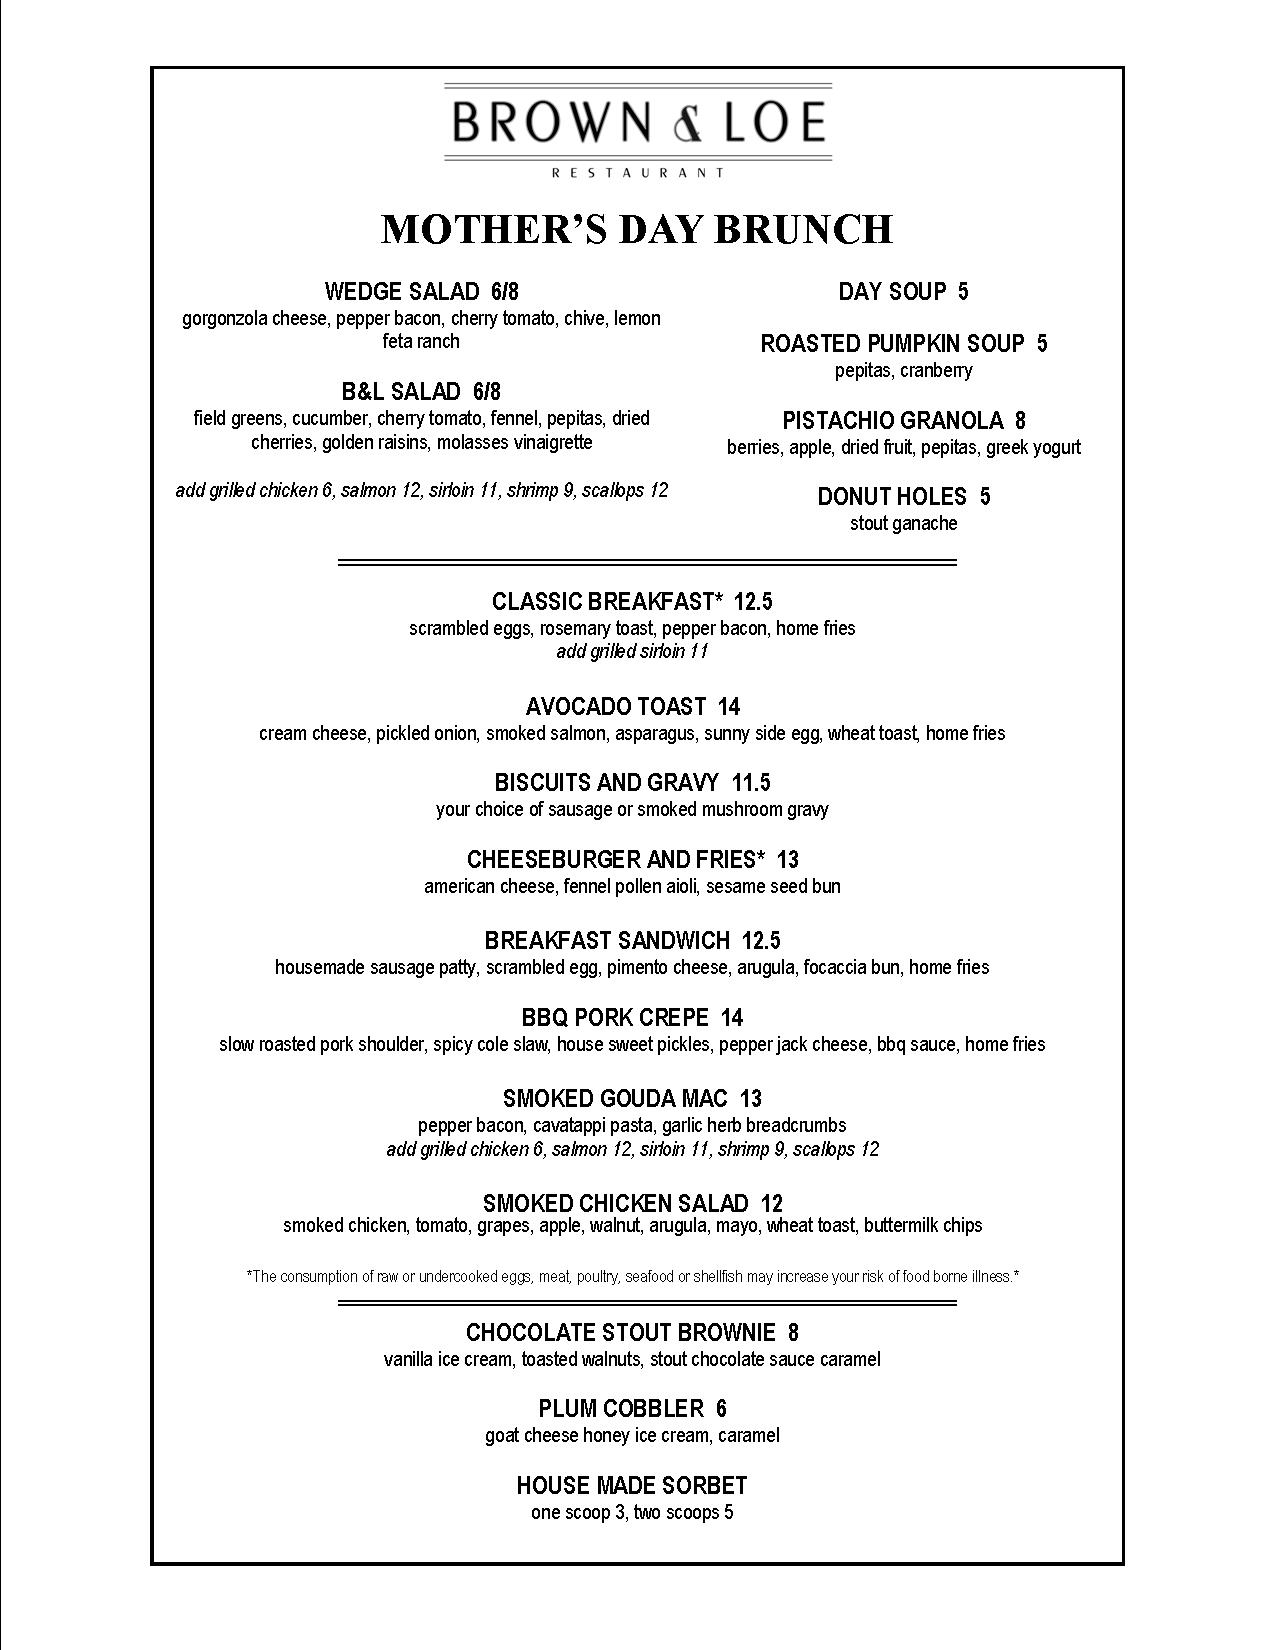 Mother's Day Brunch Menu 2019.png